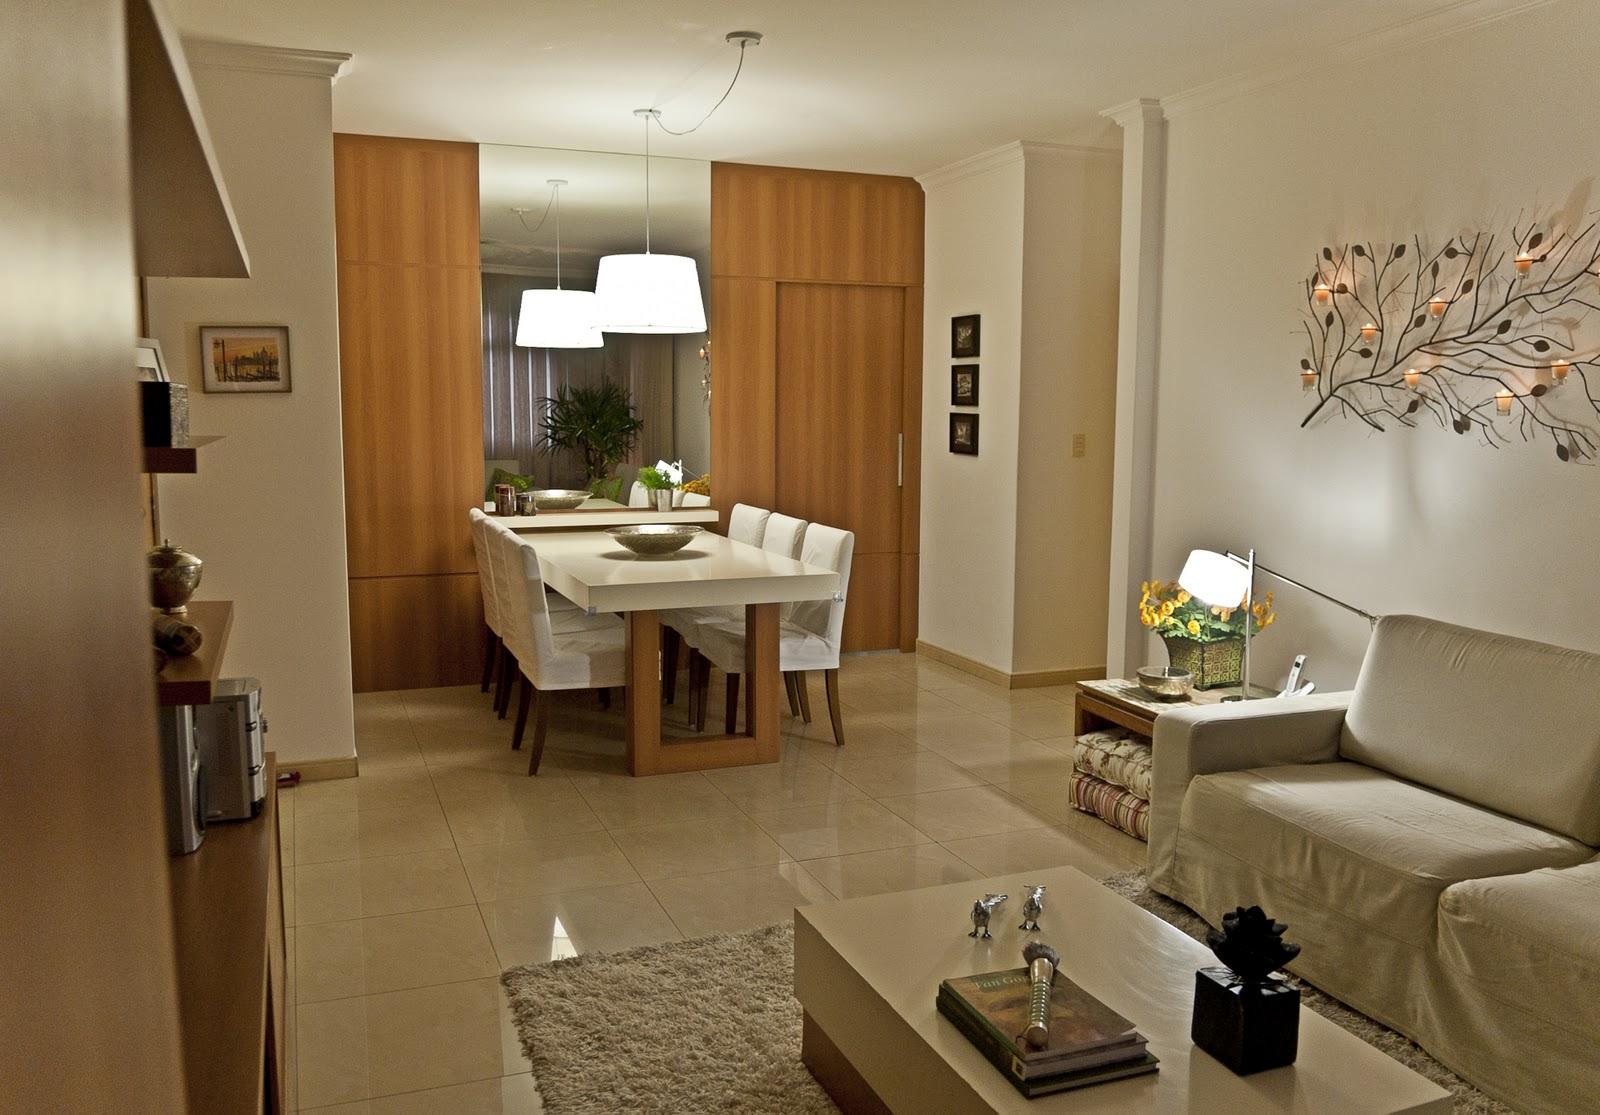 Sala De Estar Integrada Com Jantar ~  de Mulherzinha Decor  Sala de jantar integrada com sala de estar